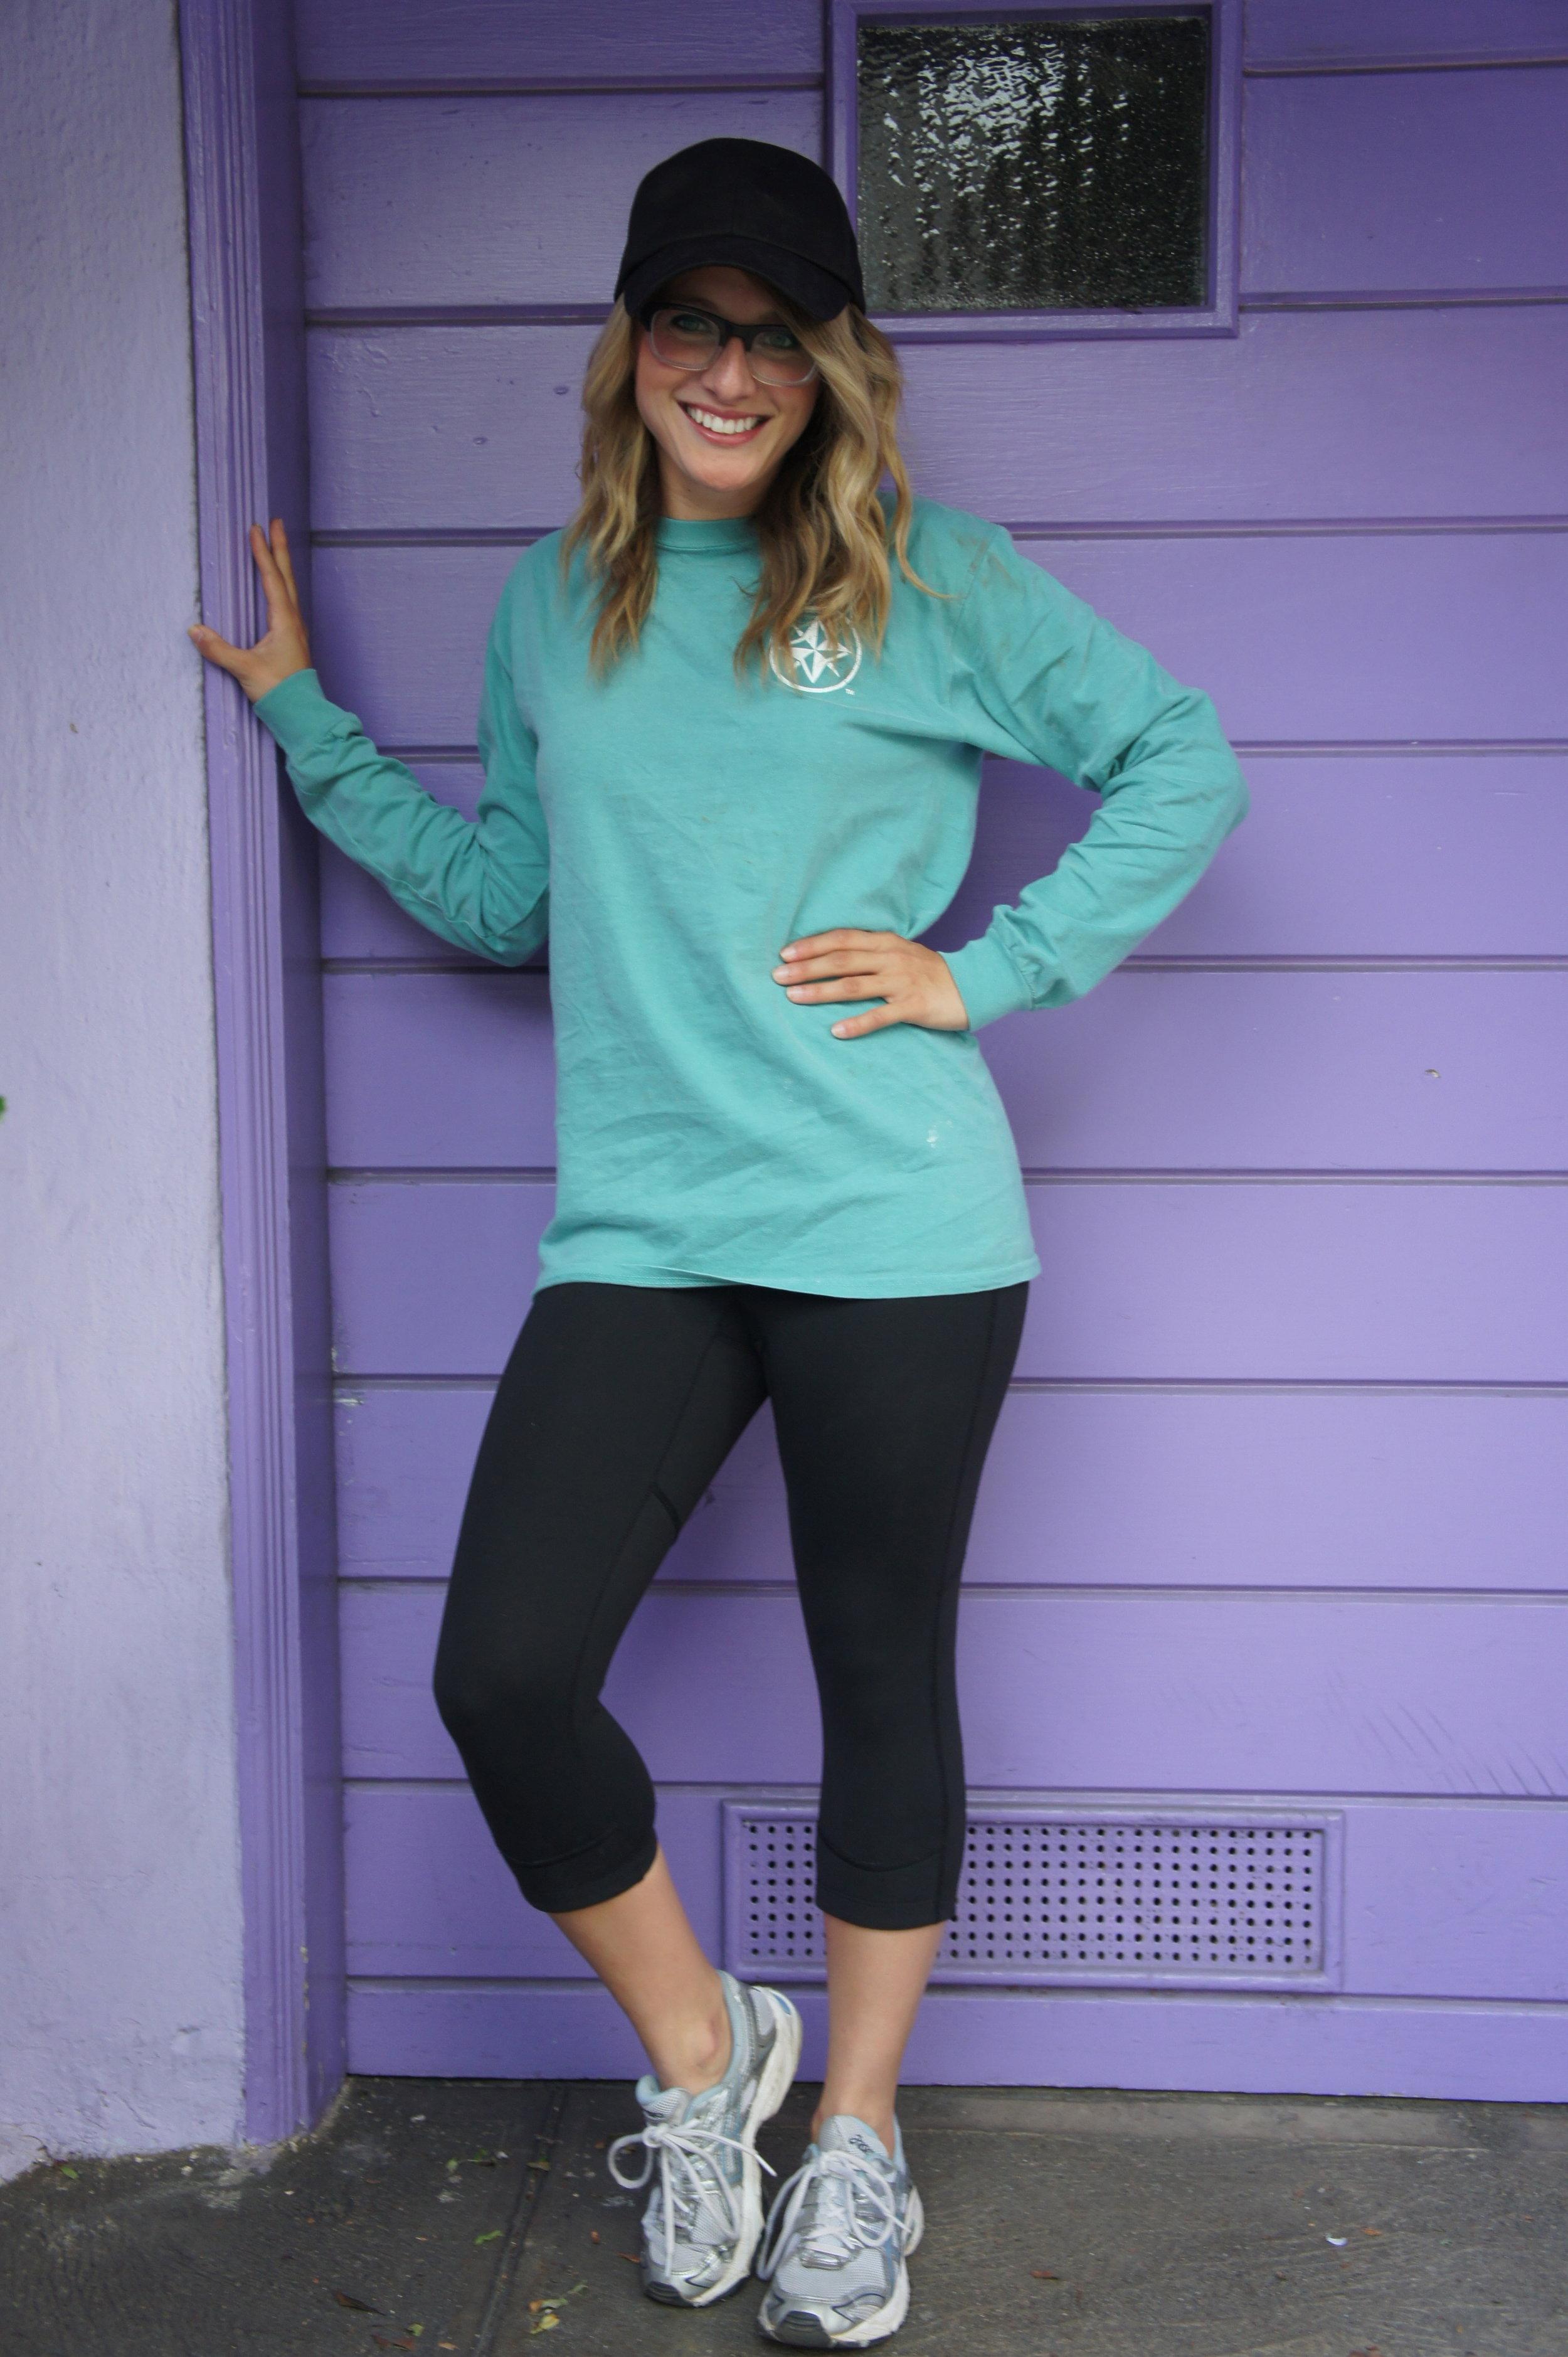 Shirt: American Island Co. | Pants: Jane | Shoes: Asics | Hat: H&M